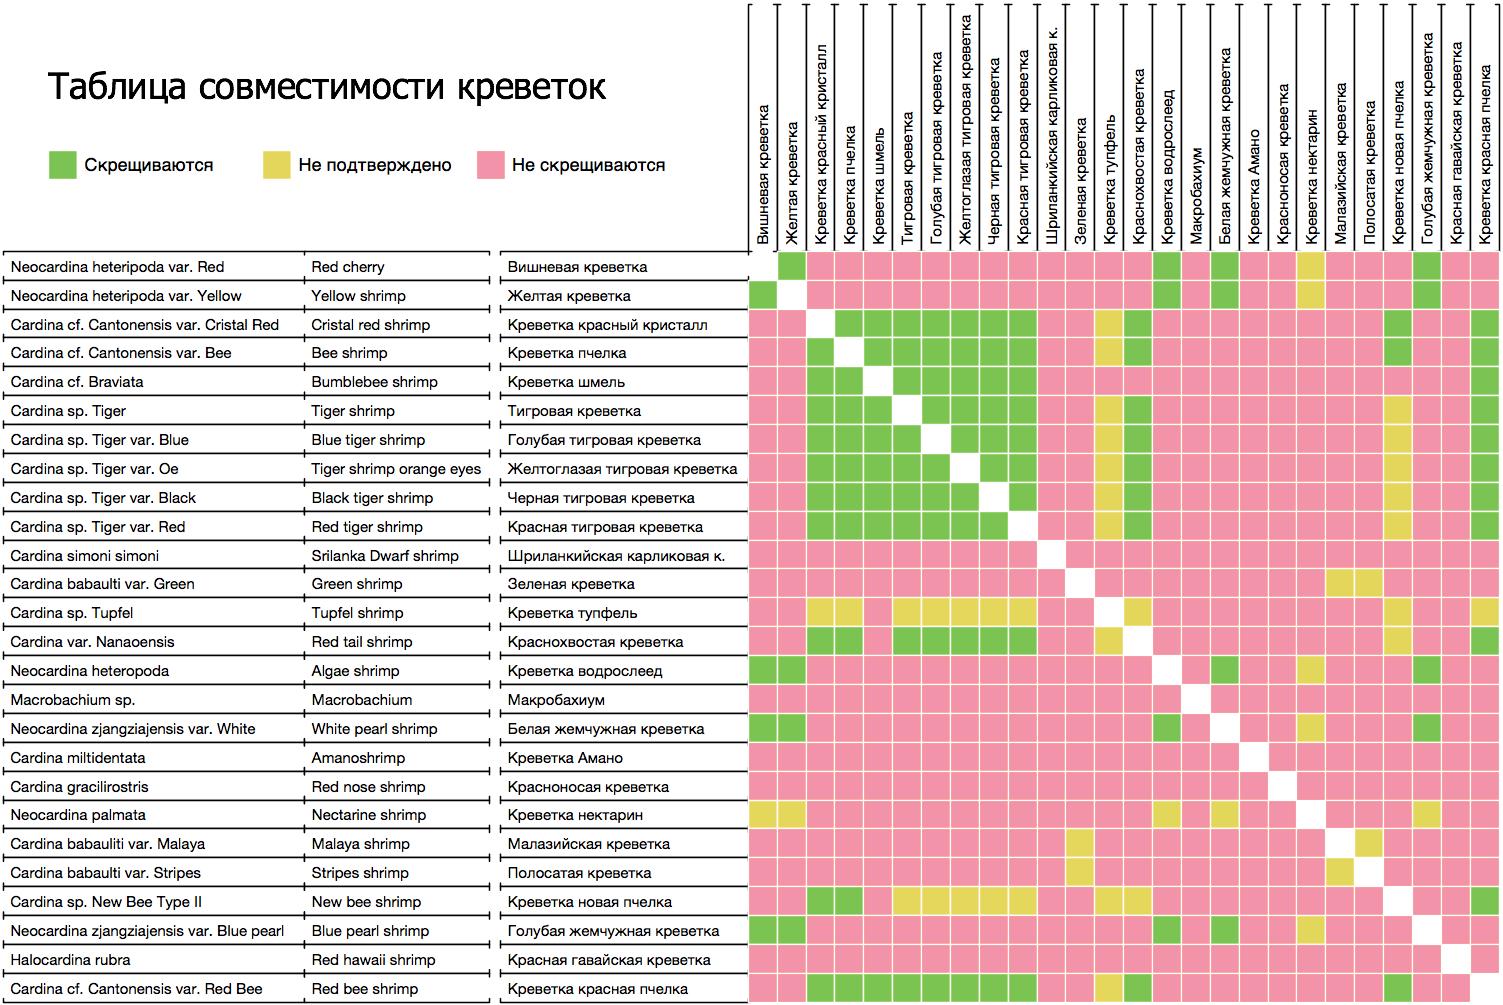 Таблица совместимости аквариумных рыб: совместимость с раками и креветками